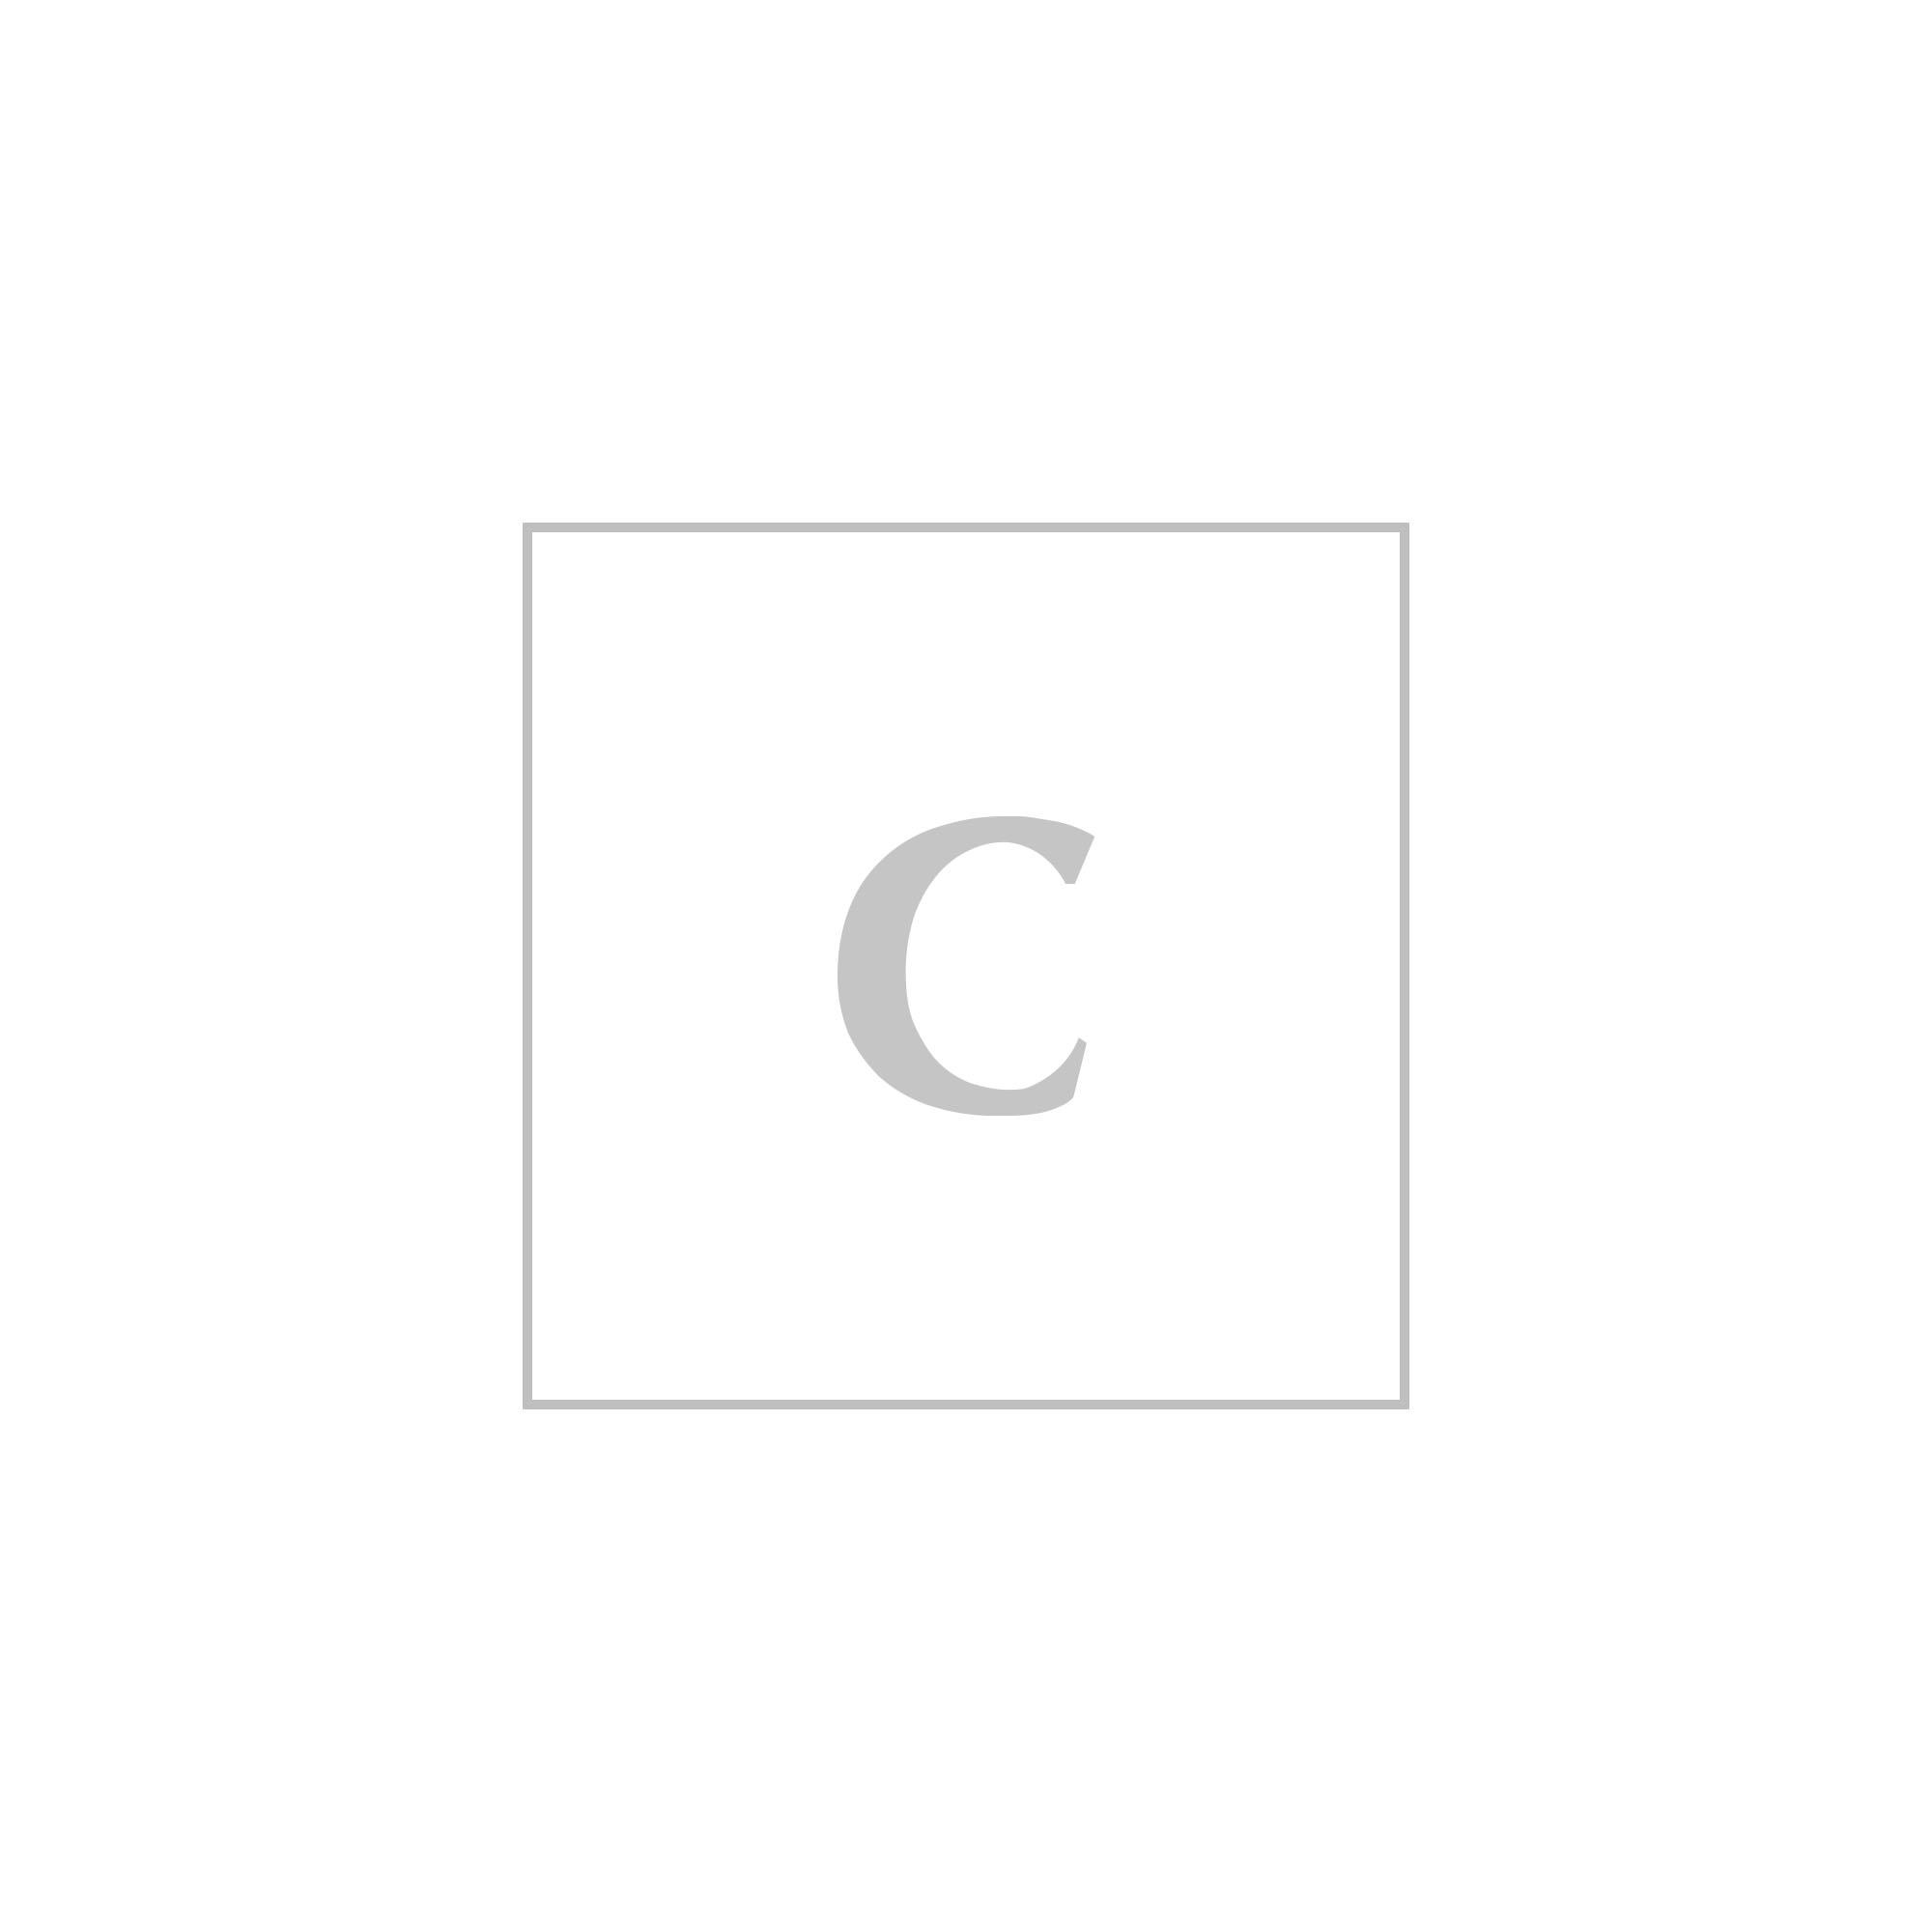 Saint laurent yal porta carte credito monogram